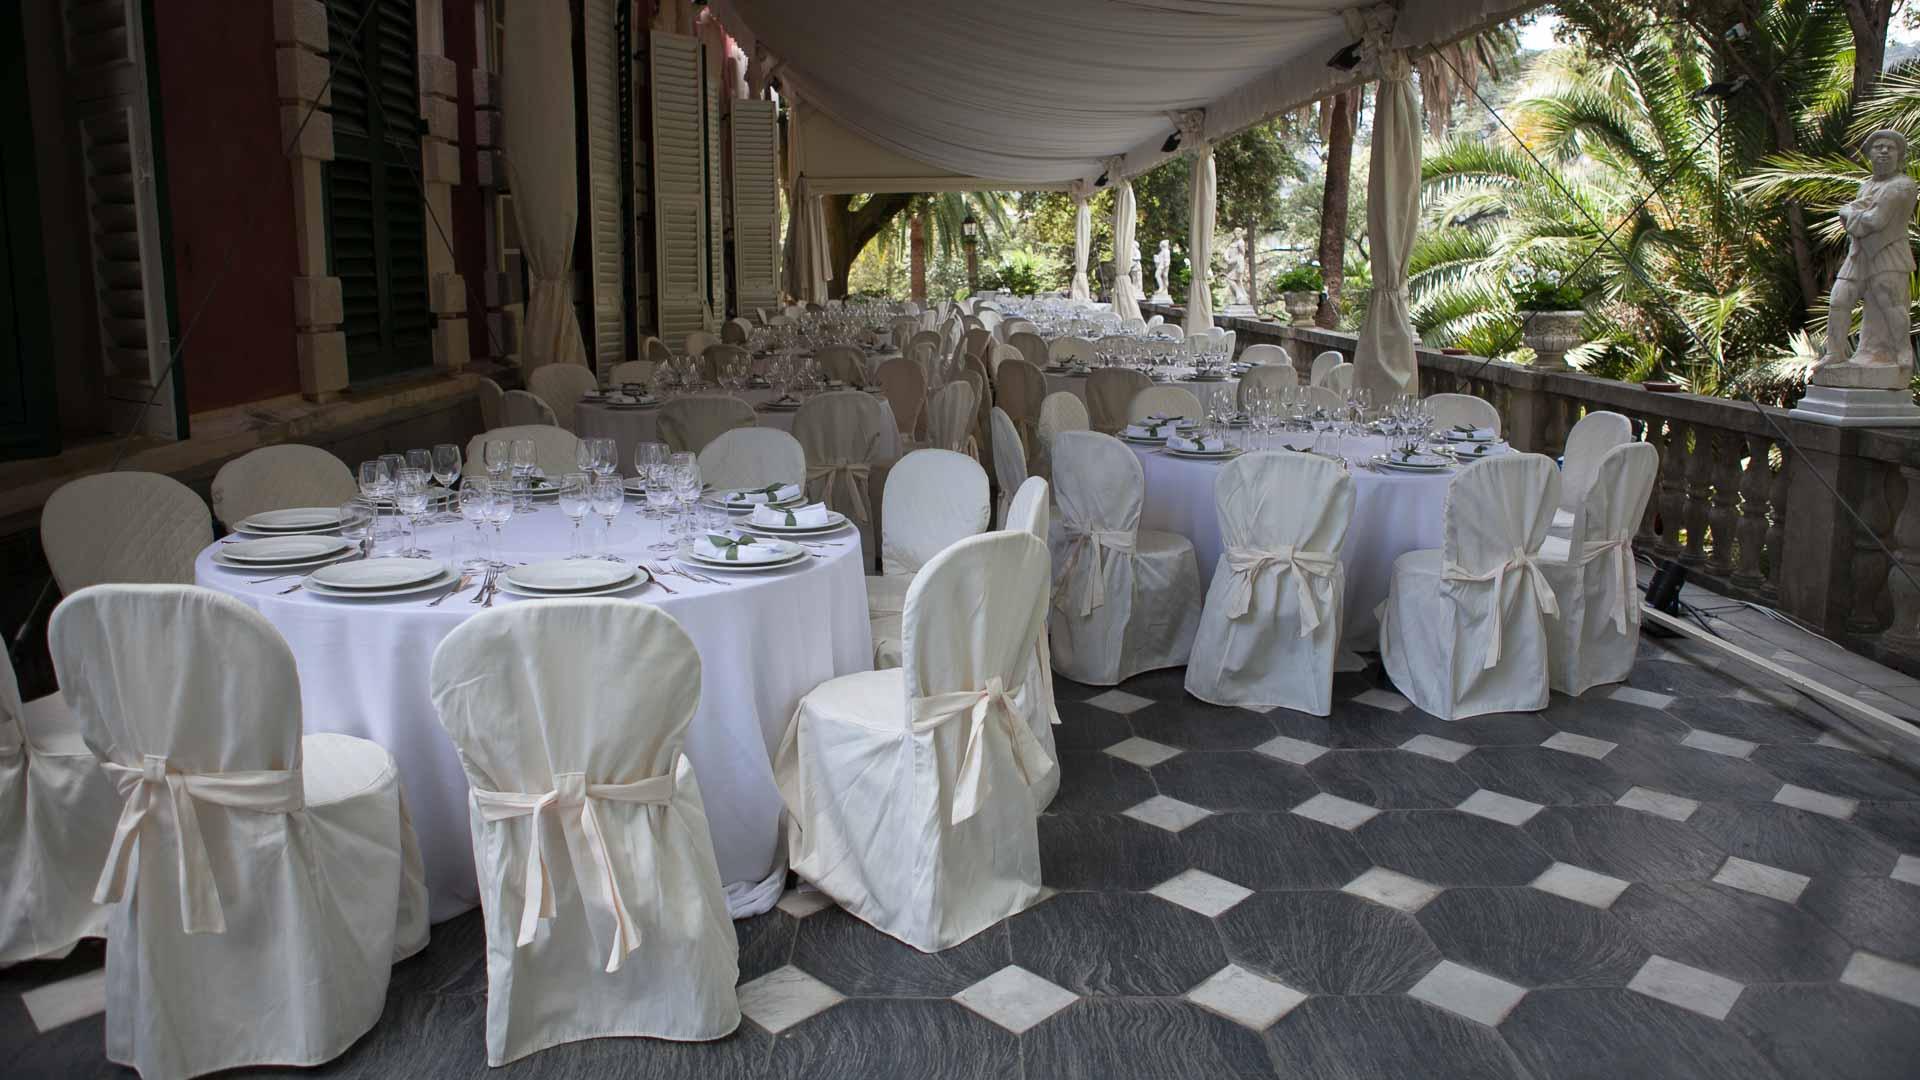 Villa Durazzo matrimonio estivo tensostruttura aperta allestita con tavoli preparati per il pranzo con tovaglie bianche e coprisedie con fiocco rosa.